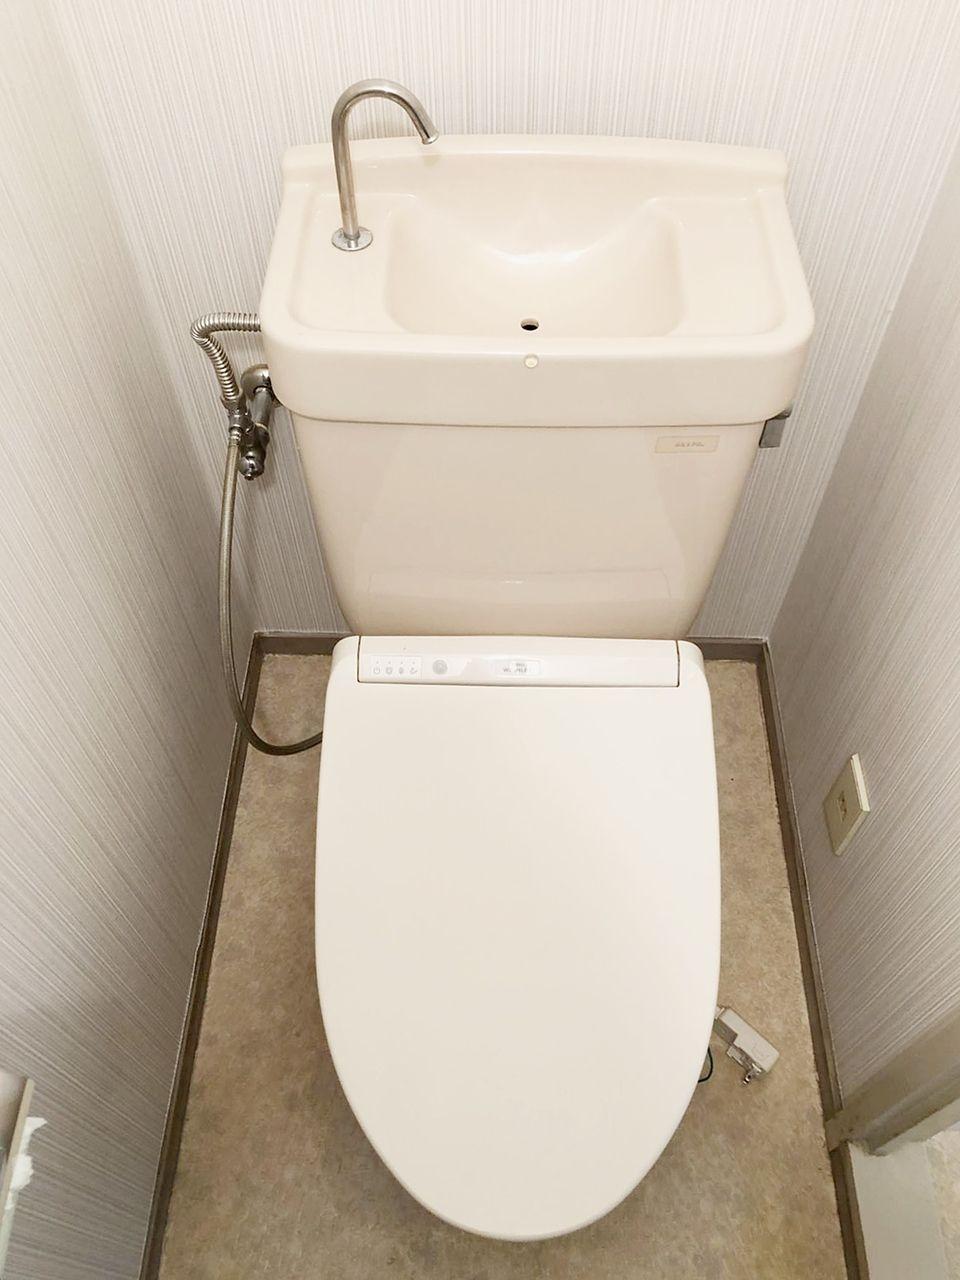 バス・トイレ別のトイレです。ウオシュレット設置可能なコンセントあります。クレインヴィレッジ